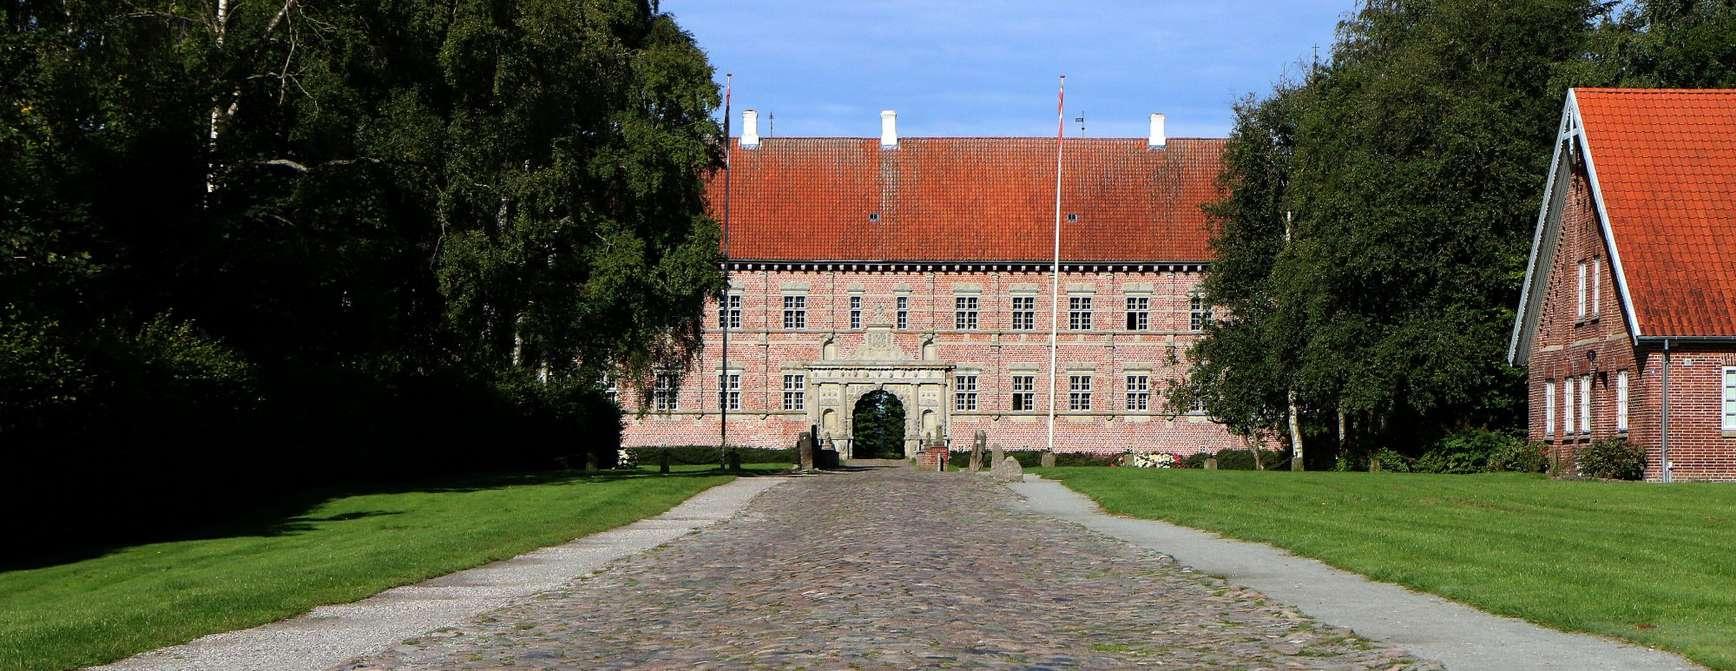 Den stenbelagte gate til slottet